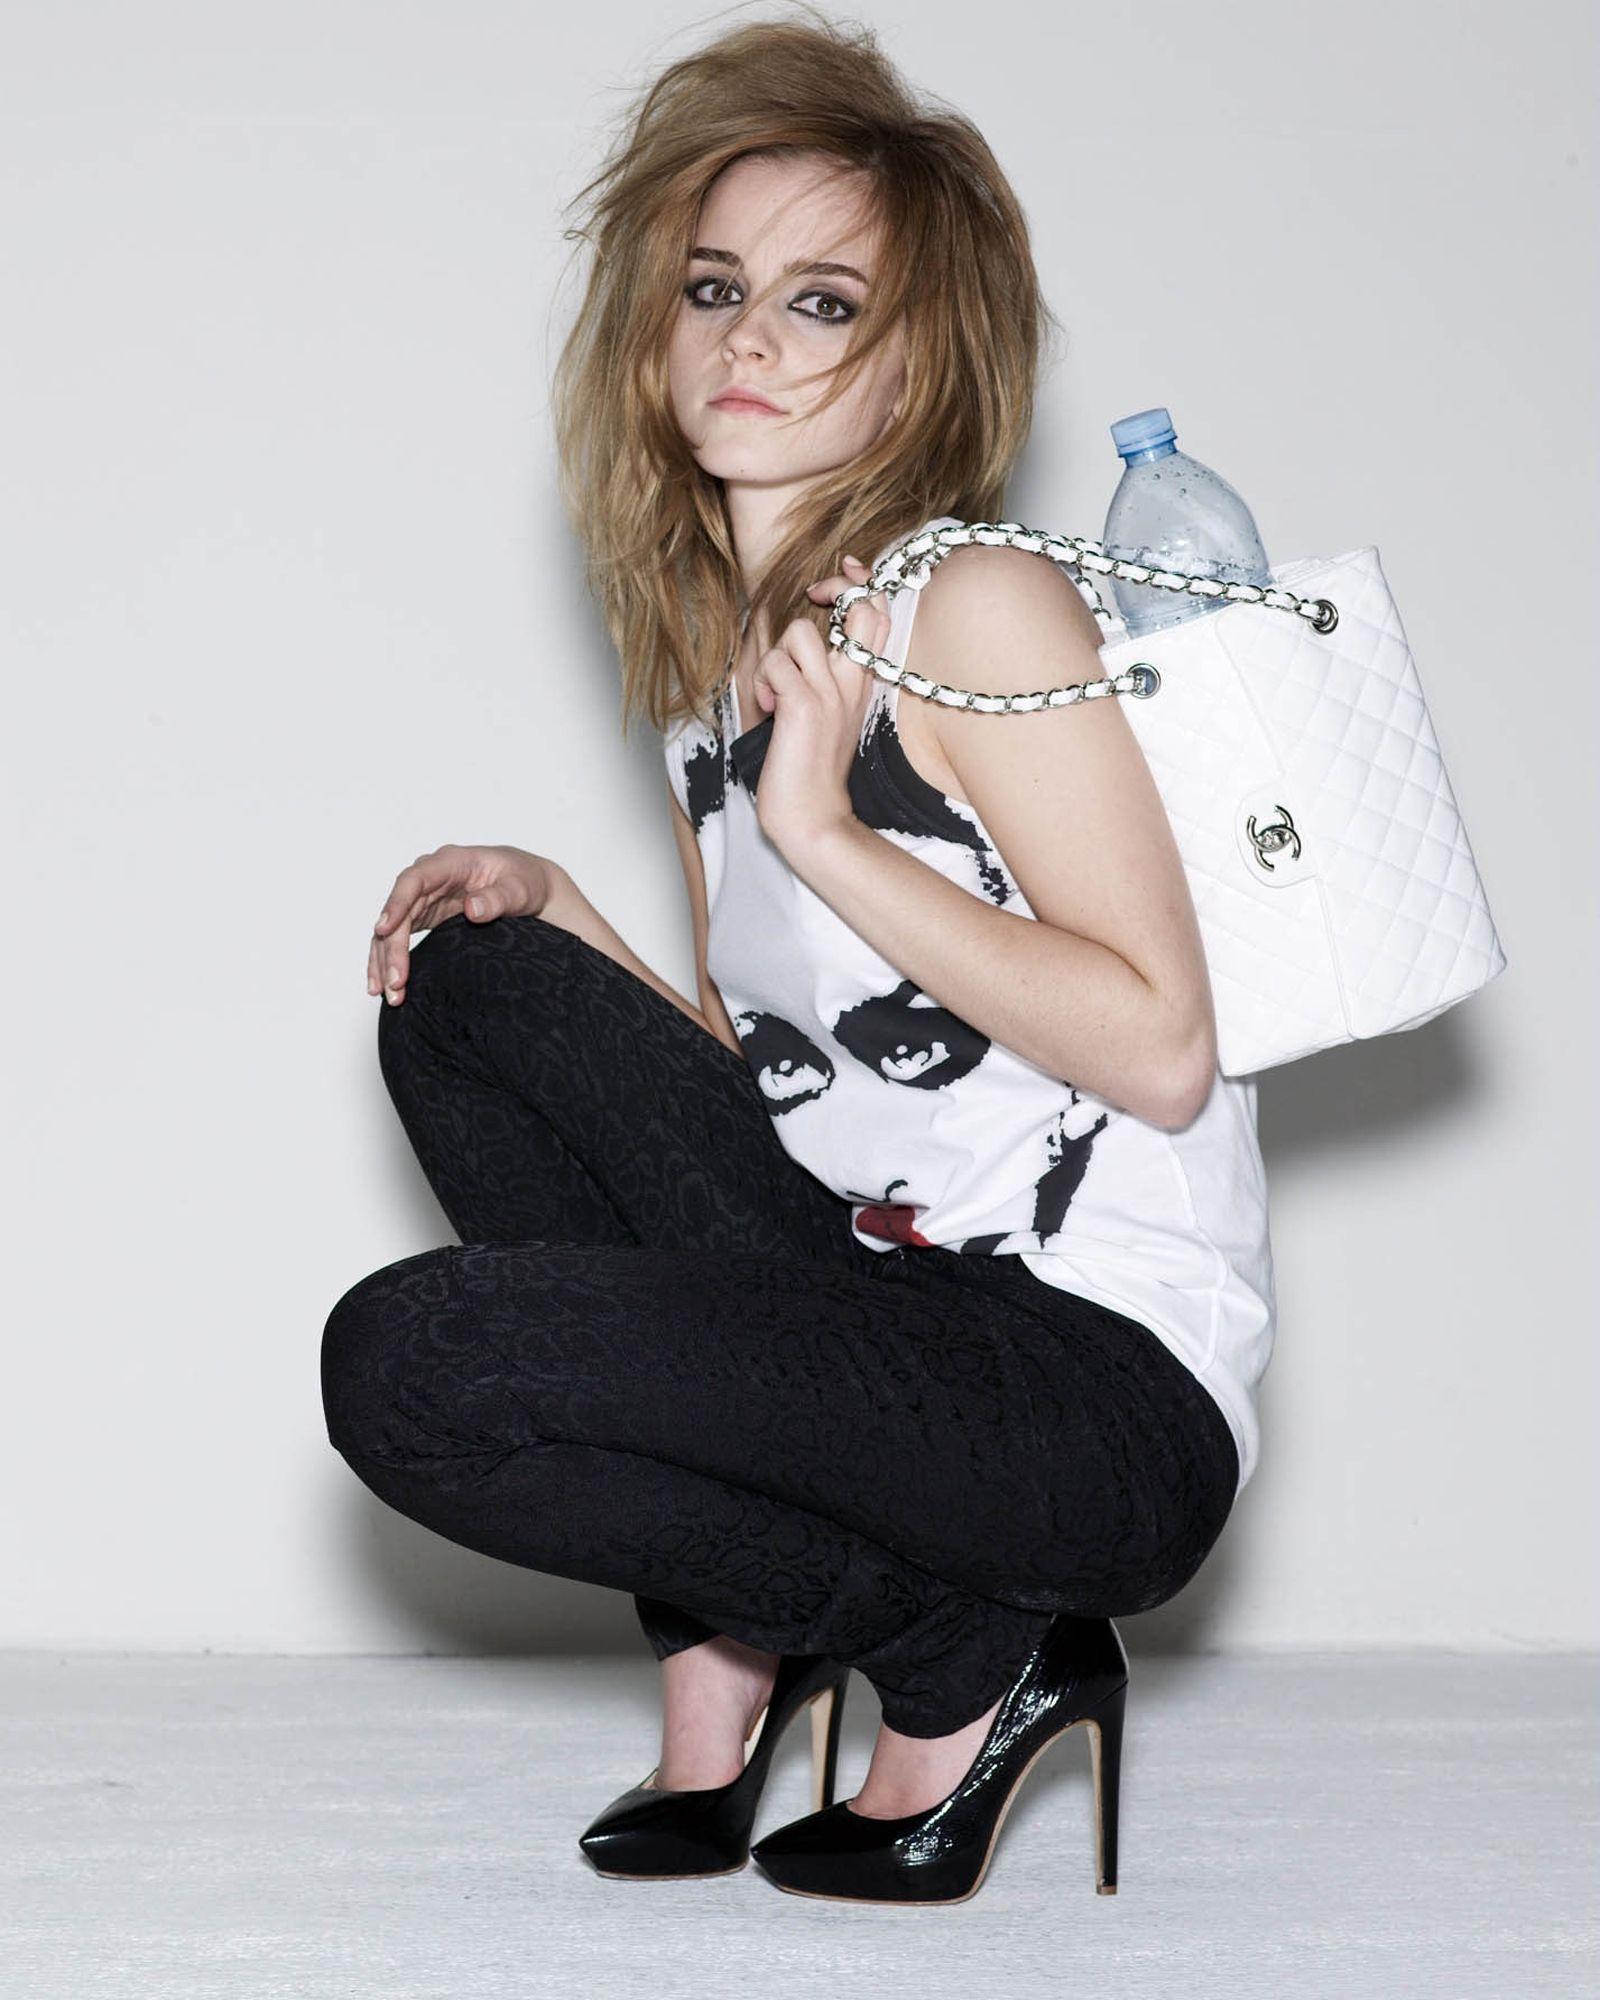 Emma Watson, Legs Iii, Emma W Onderful